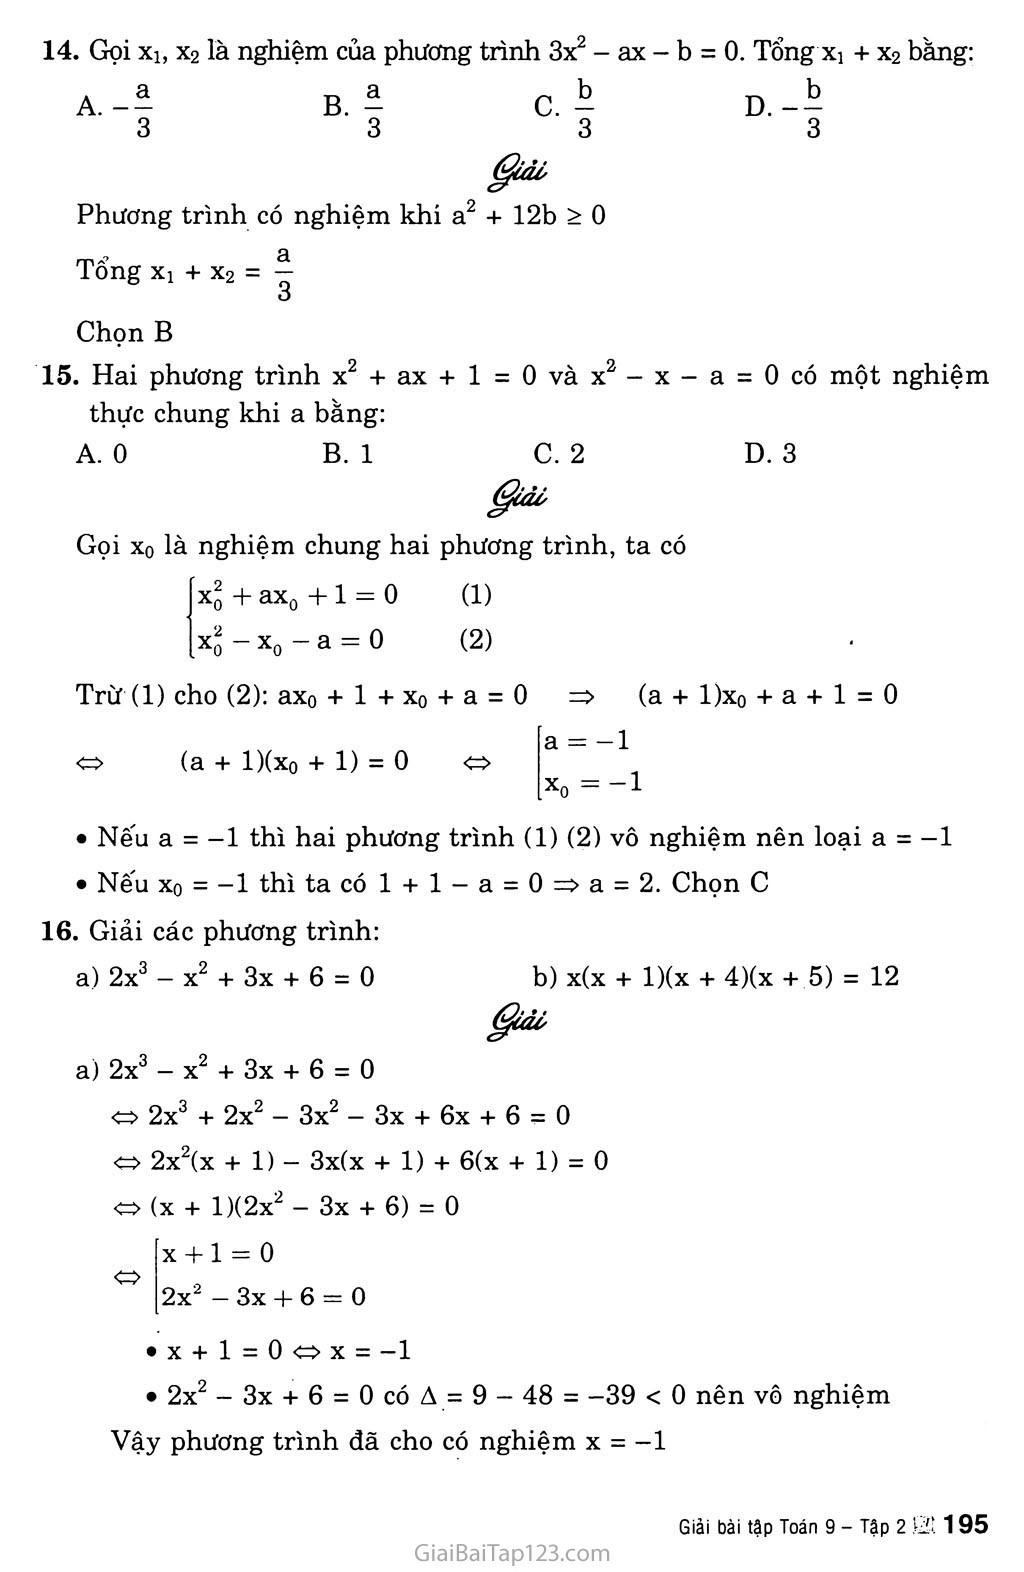 Bài tập ôn cuối năm trang 9